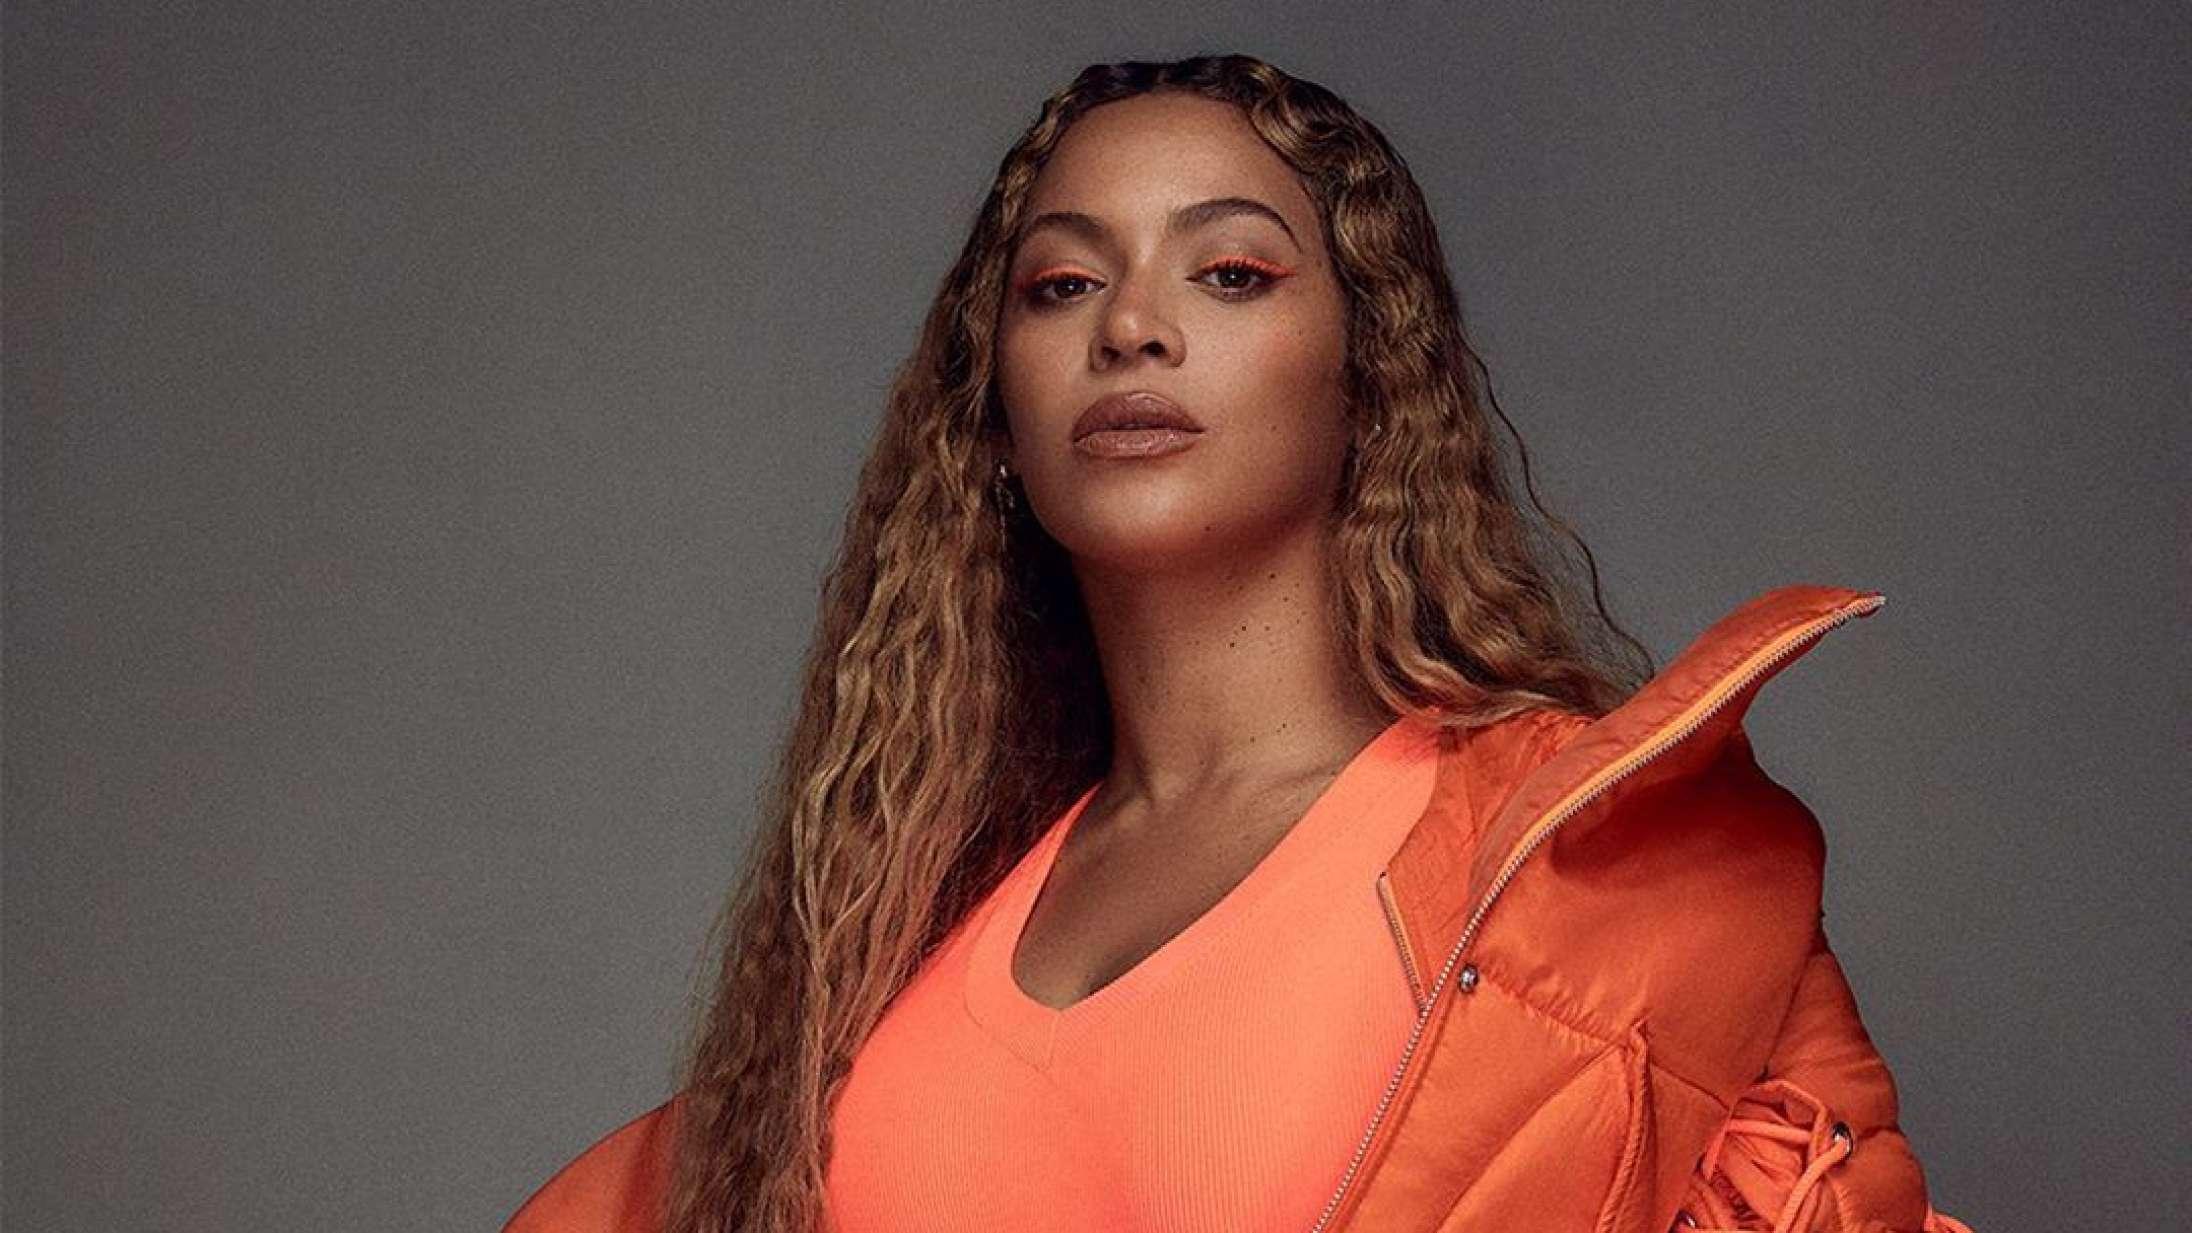 Beyoncé opfordrer til handling efter mordet på George Floyd: »Stop de meningsløse menneskedrab«